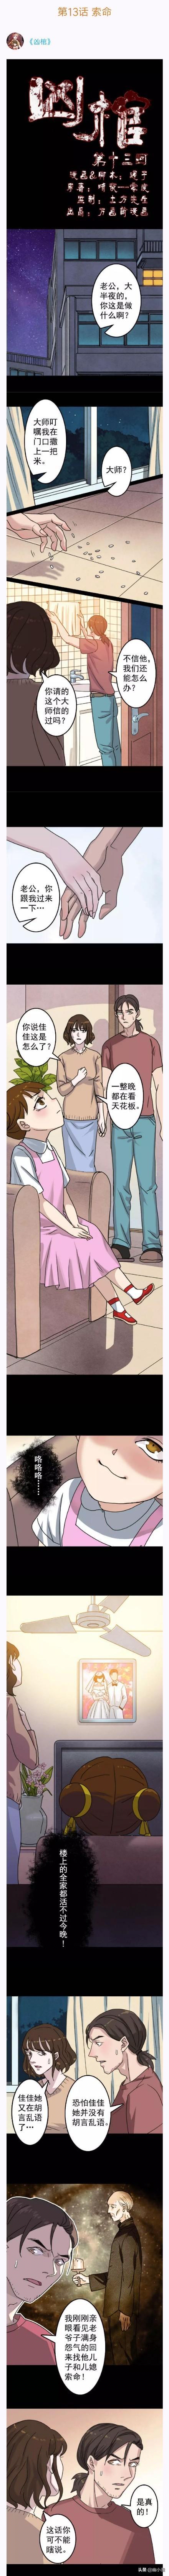 恐怖悬疑惊悚盗墓漫画小说《凶棺》连载-第13章:索命